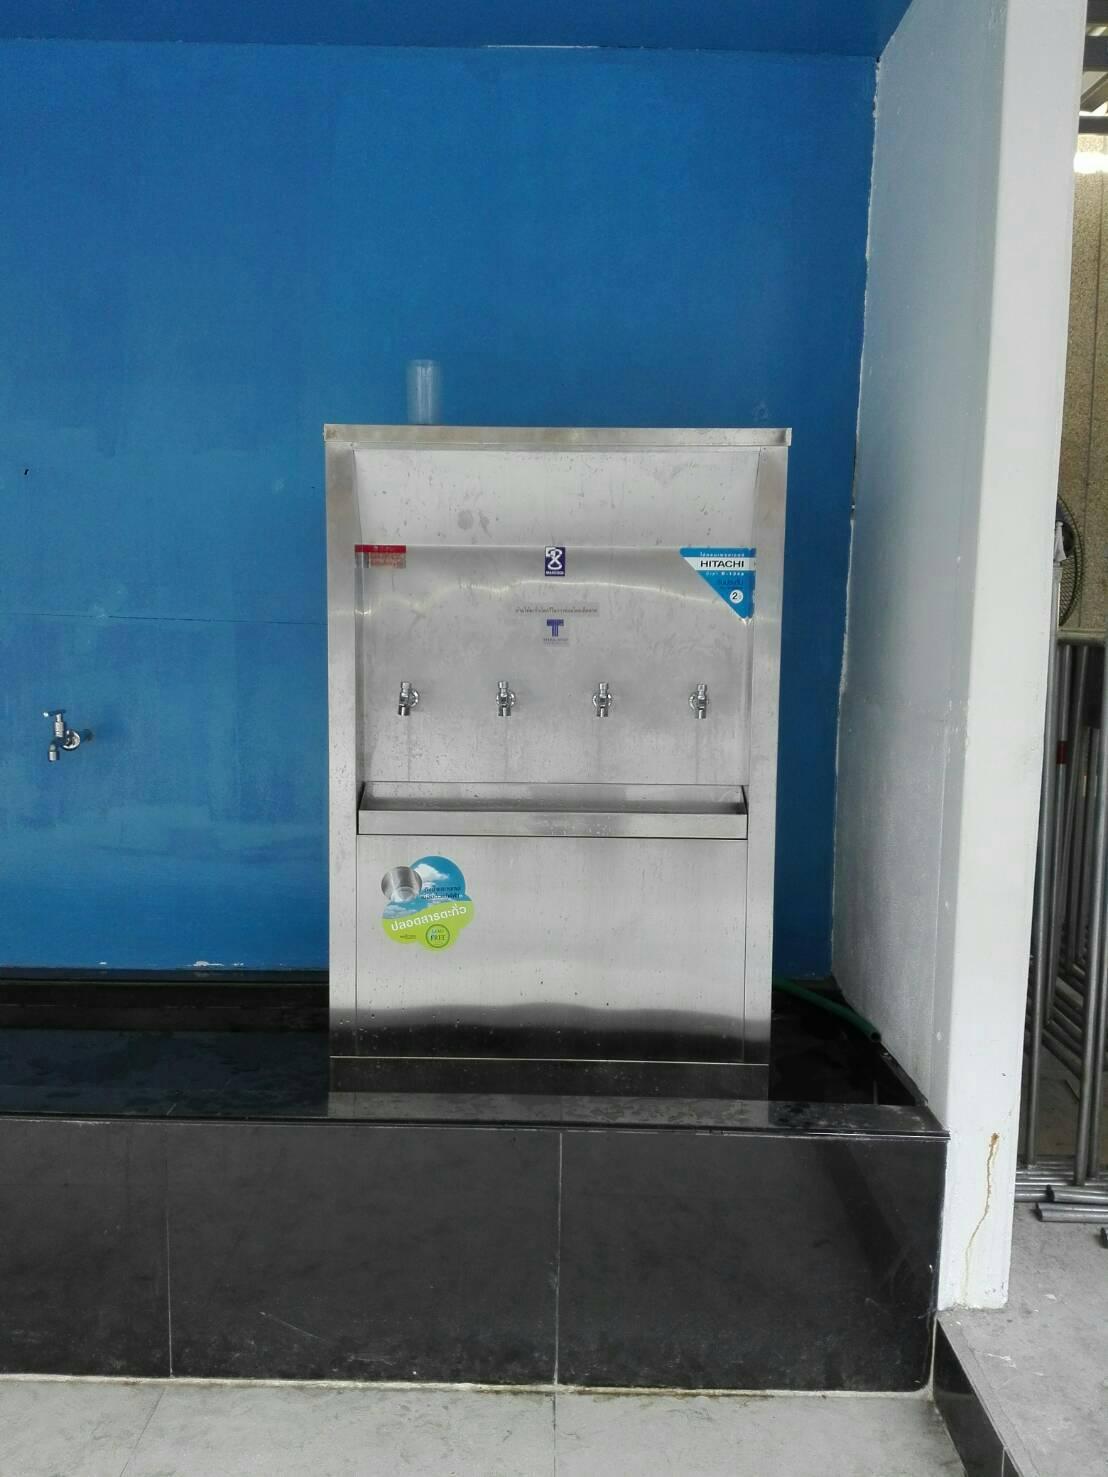 ตู้กดน้ำเย็น - น้ำร้อน